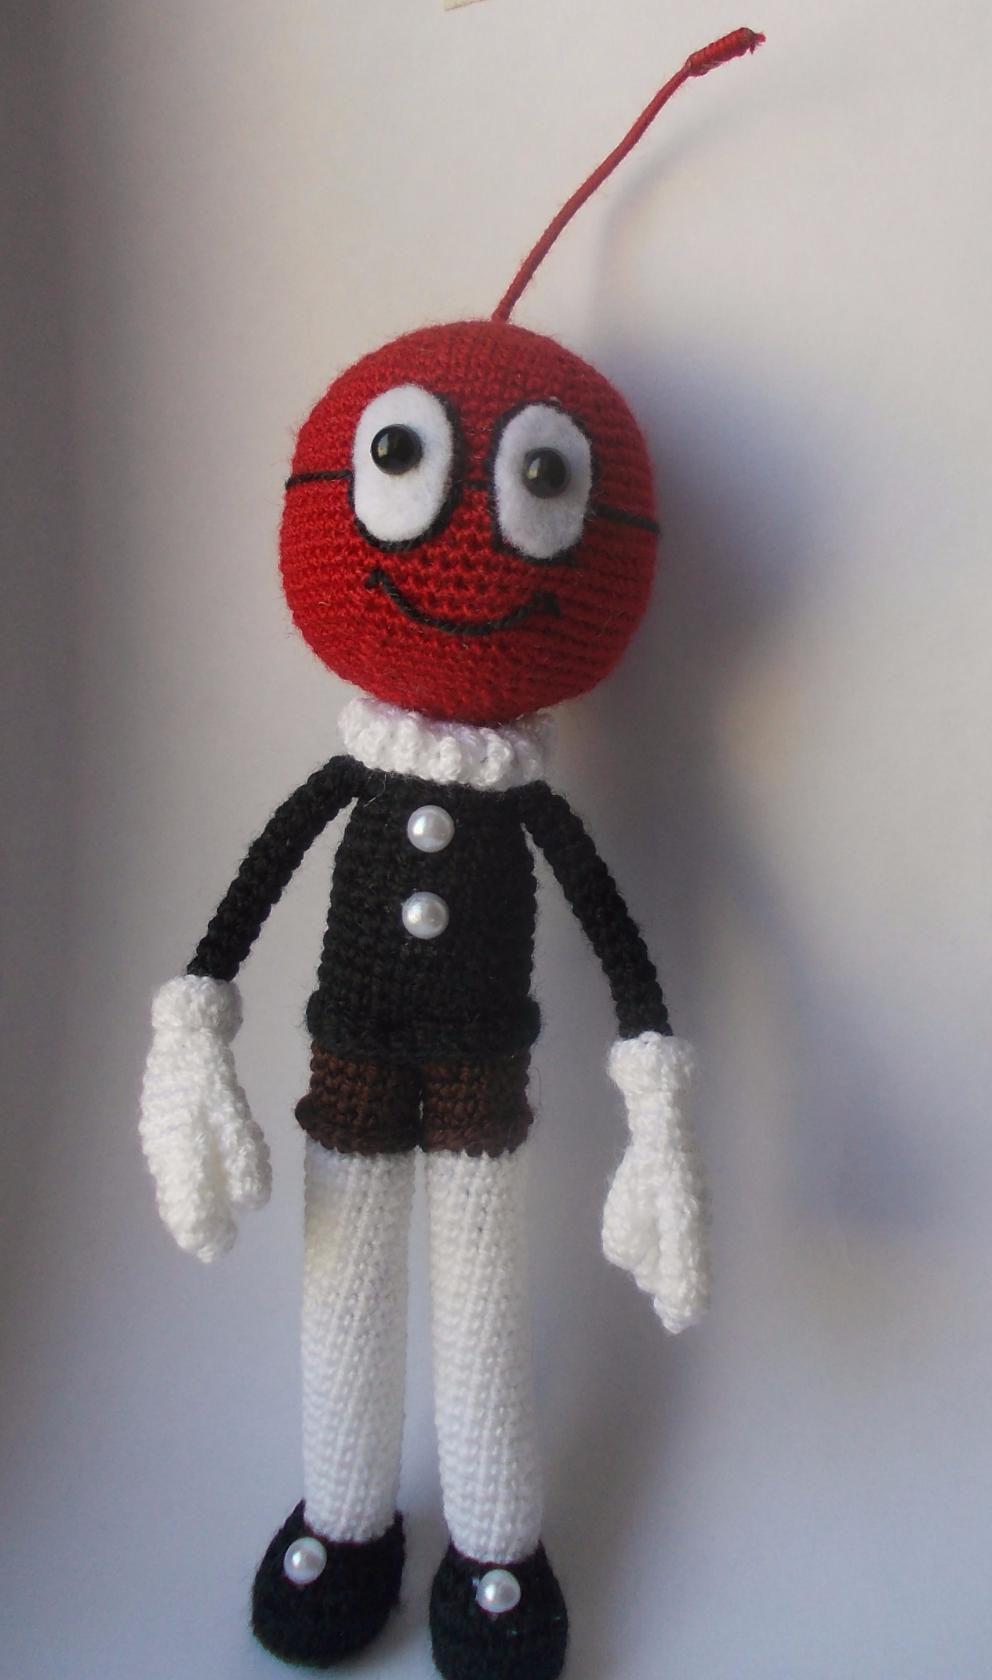 персонаж мультфильм детям амигуруми игрушка сказка подарок